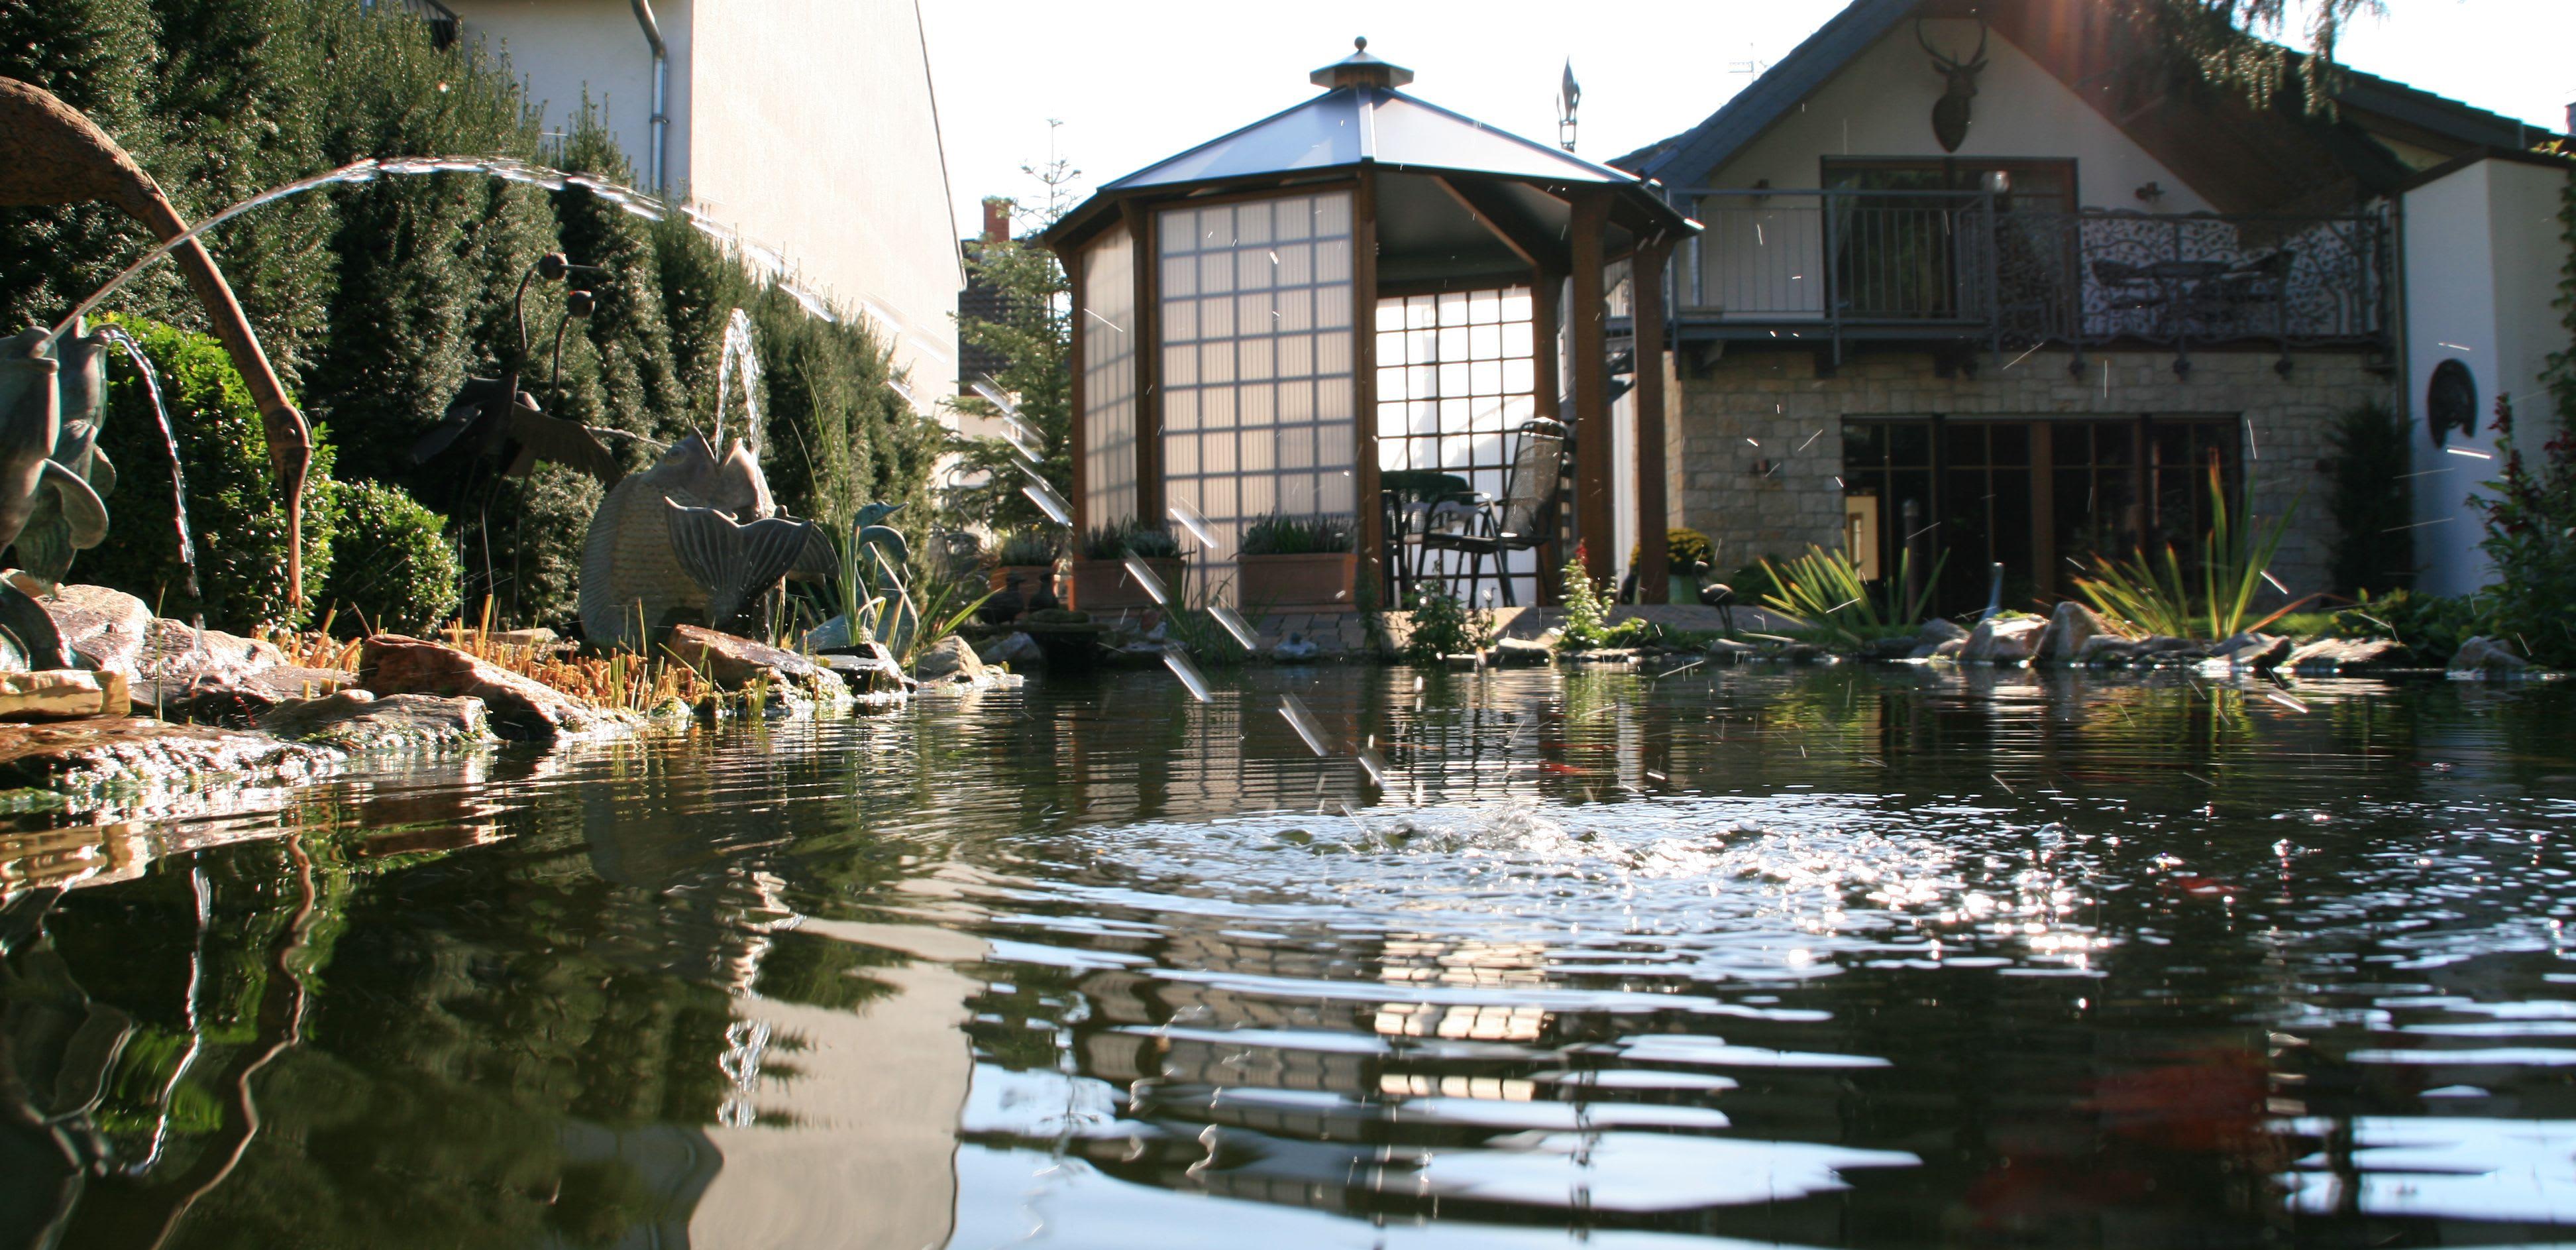 Gartenanlage mit Teich und Pavillon